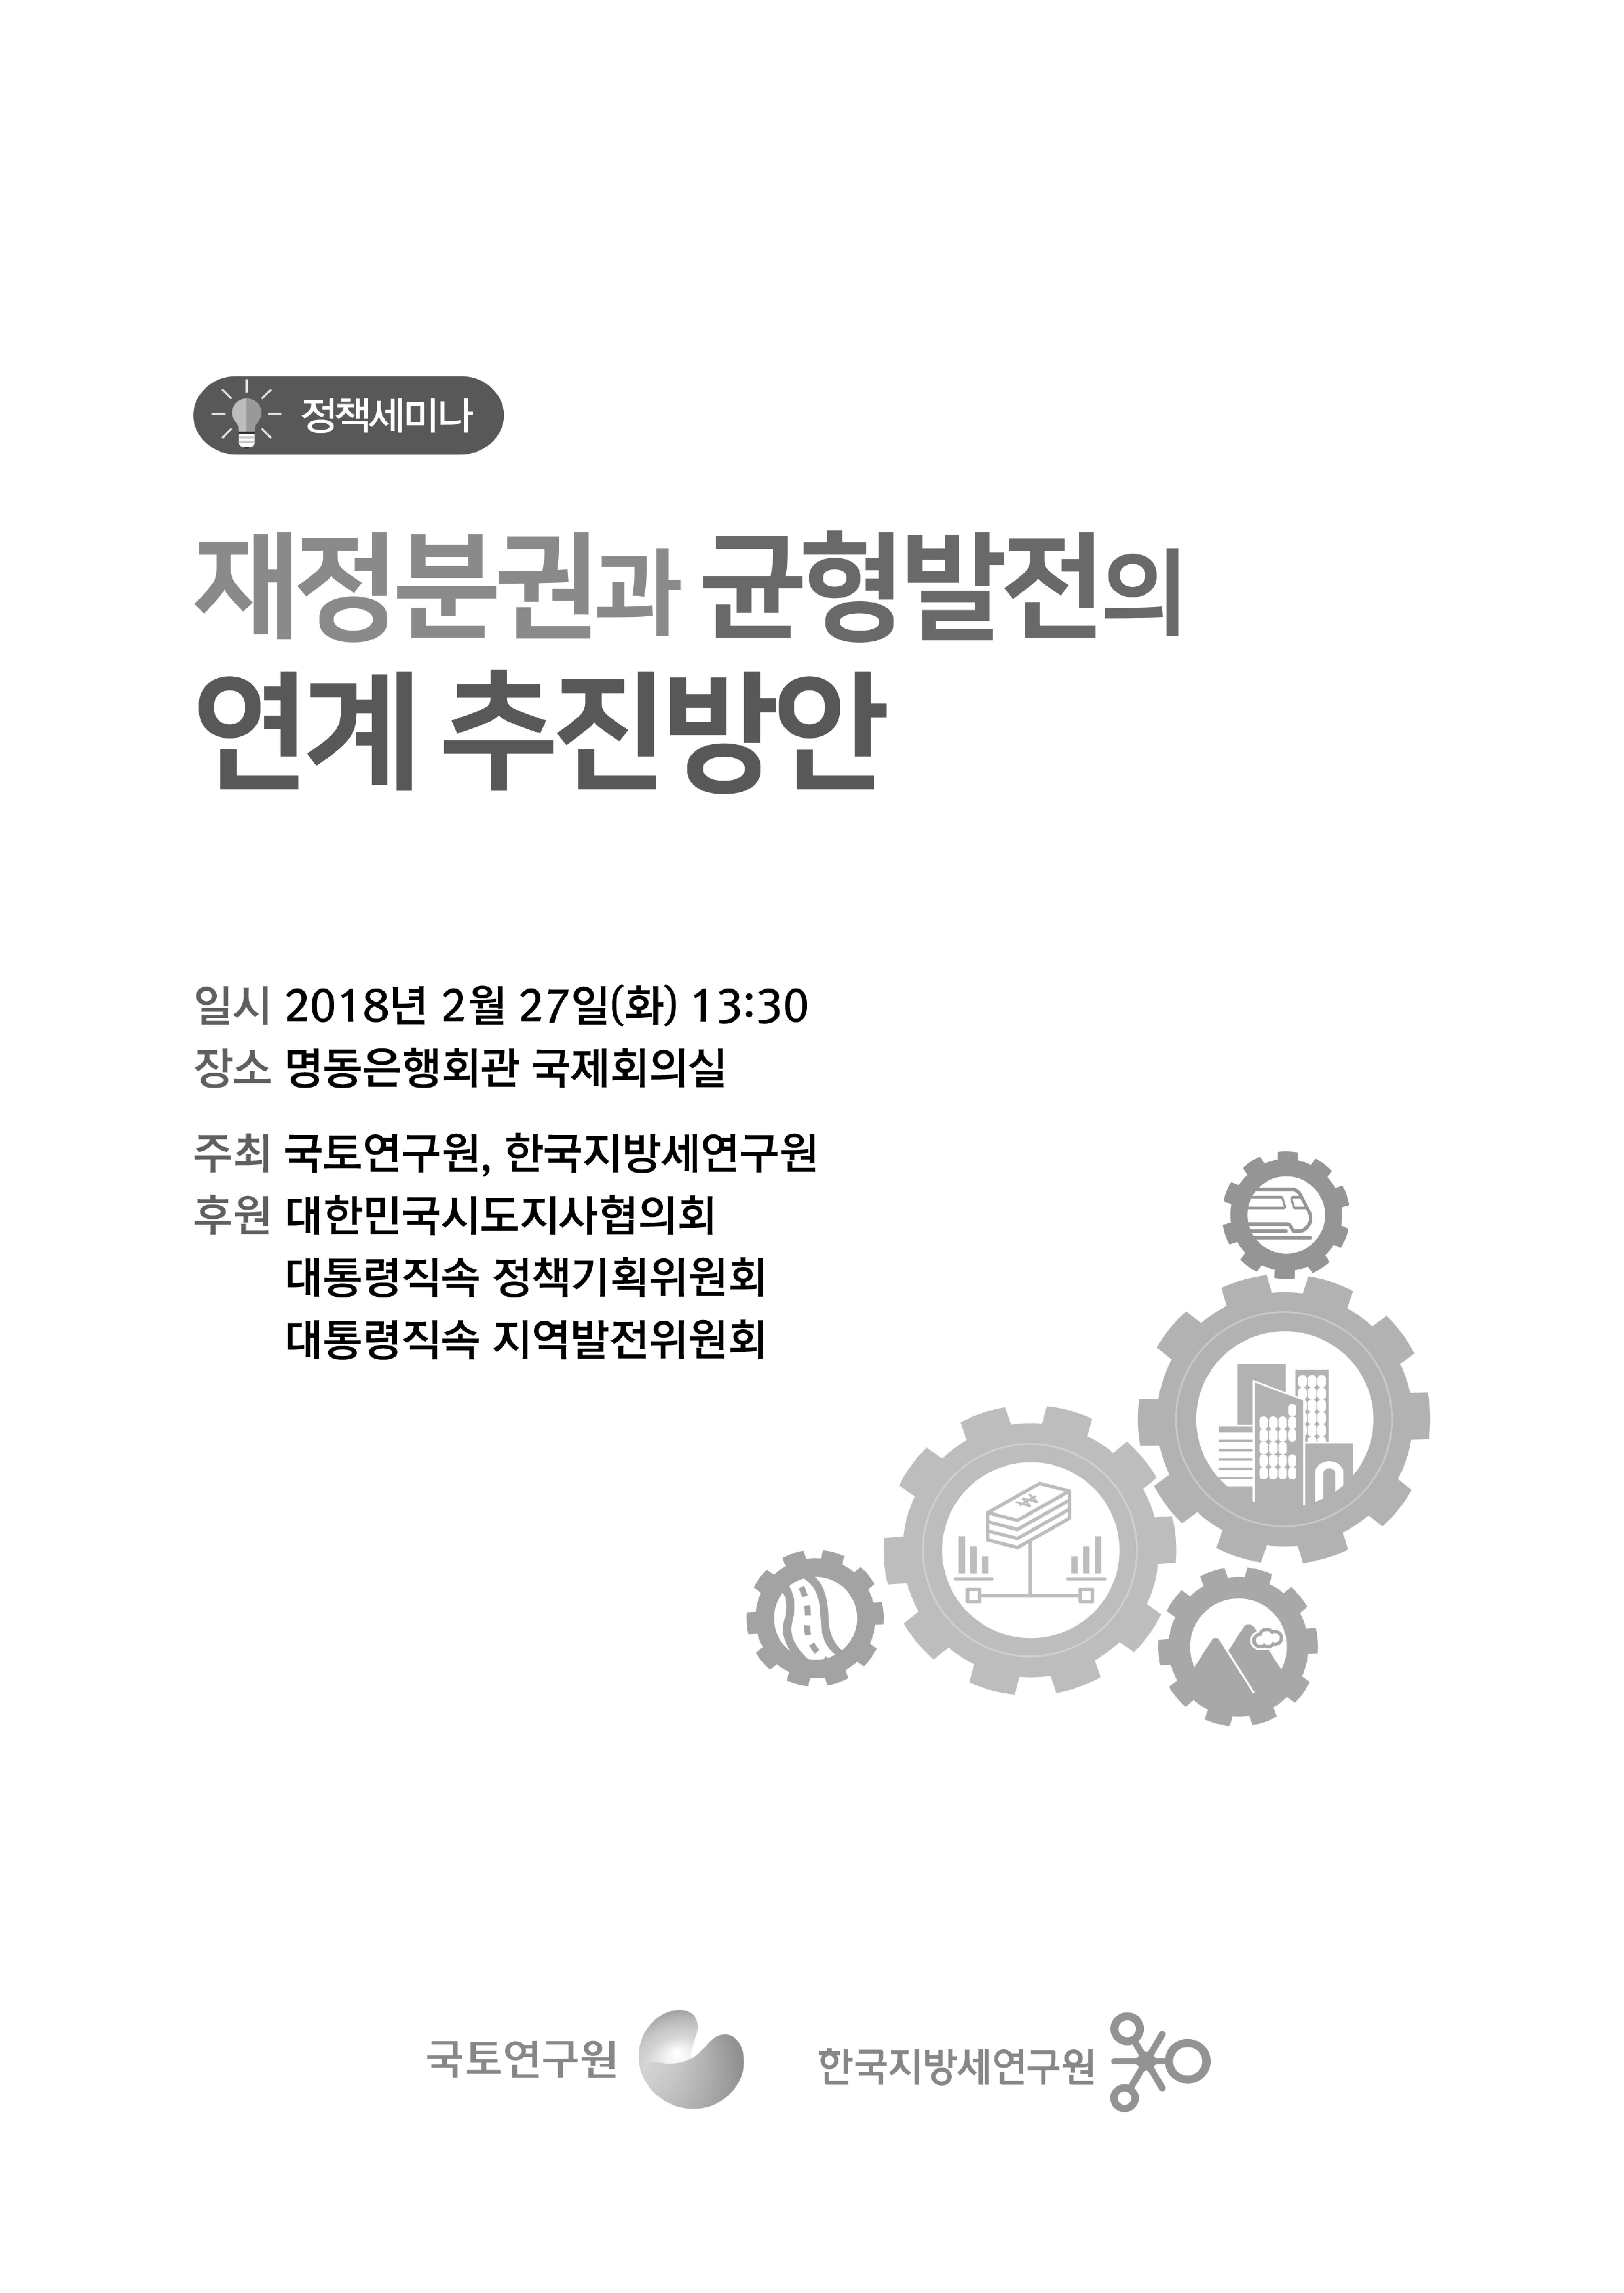 [국토연구원·한국지방세연구원 공동 정책세미나] 재정분권과 균형발전의 연계 추진방안표지